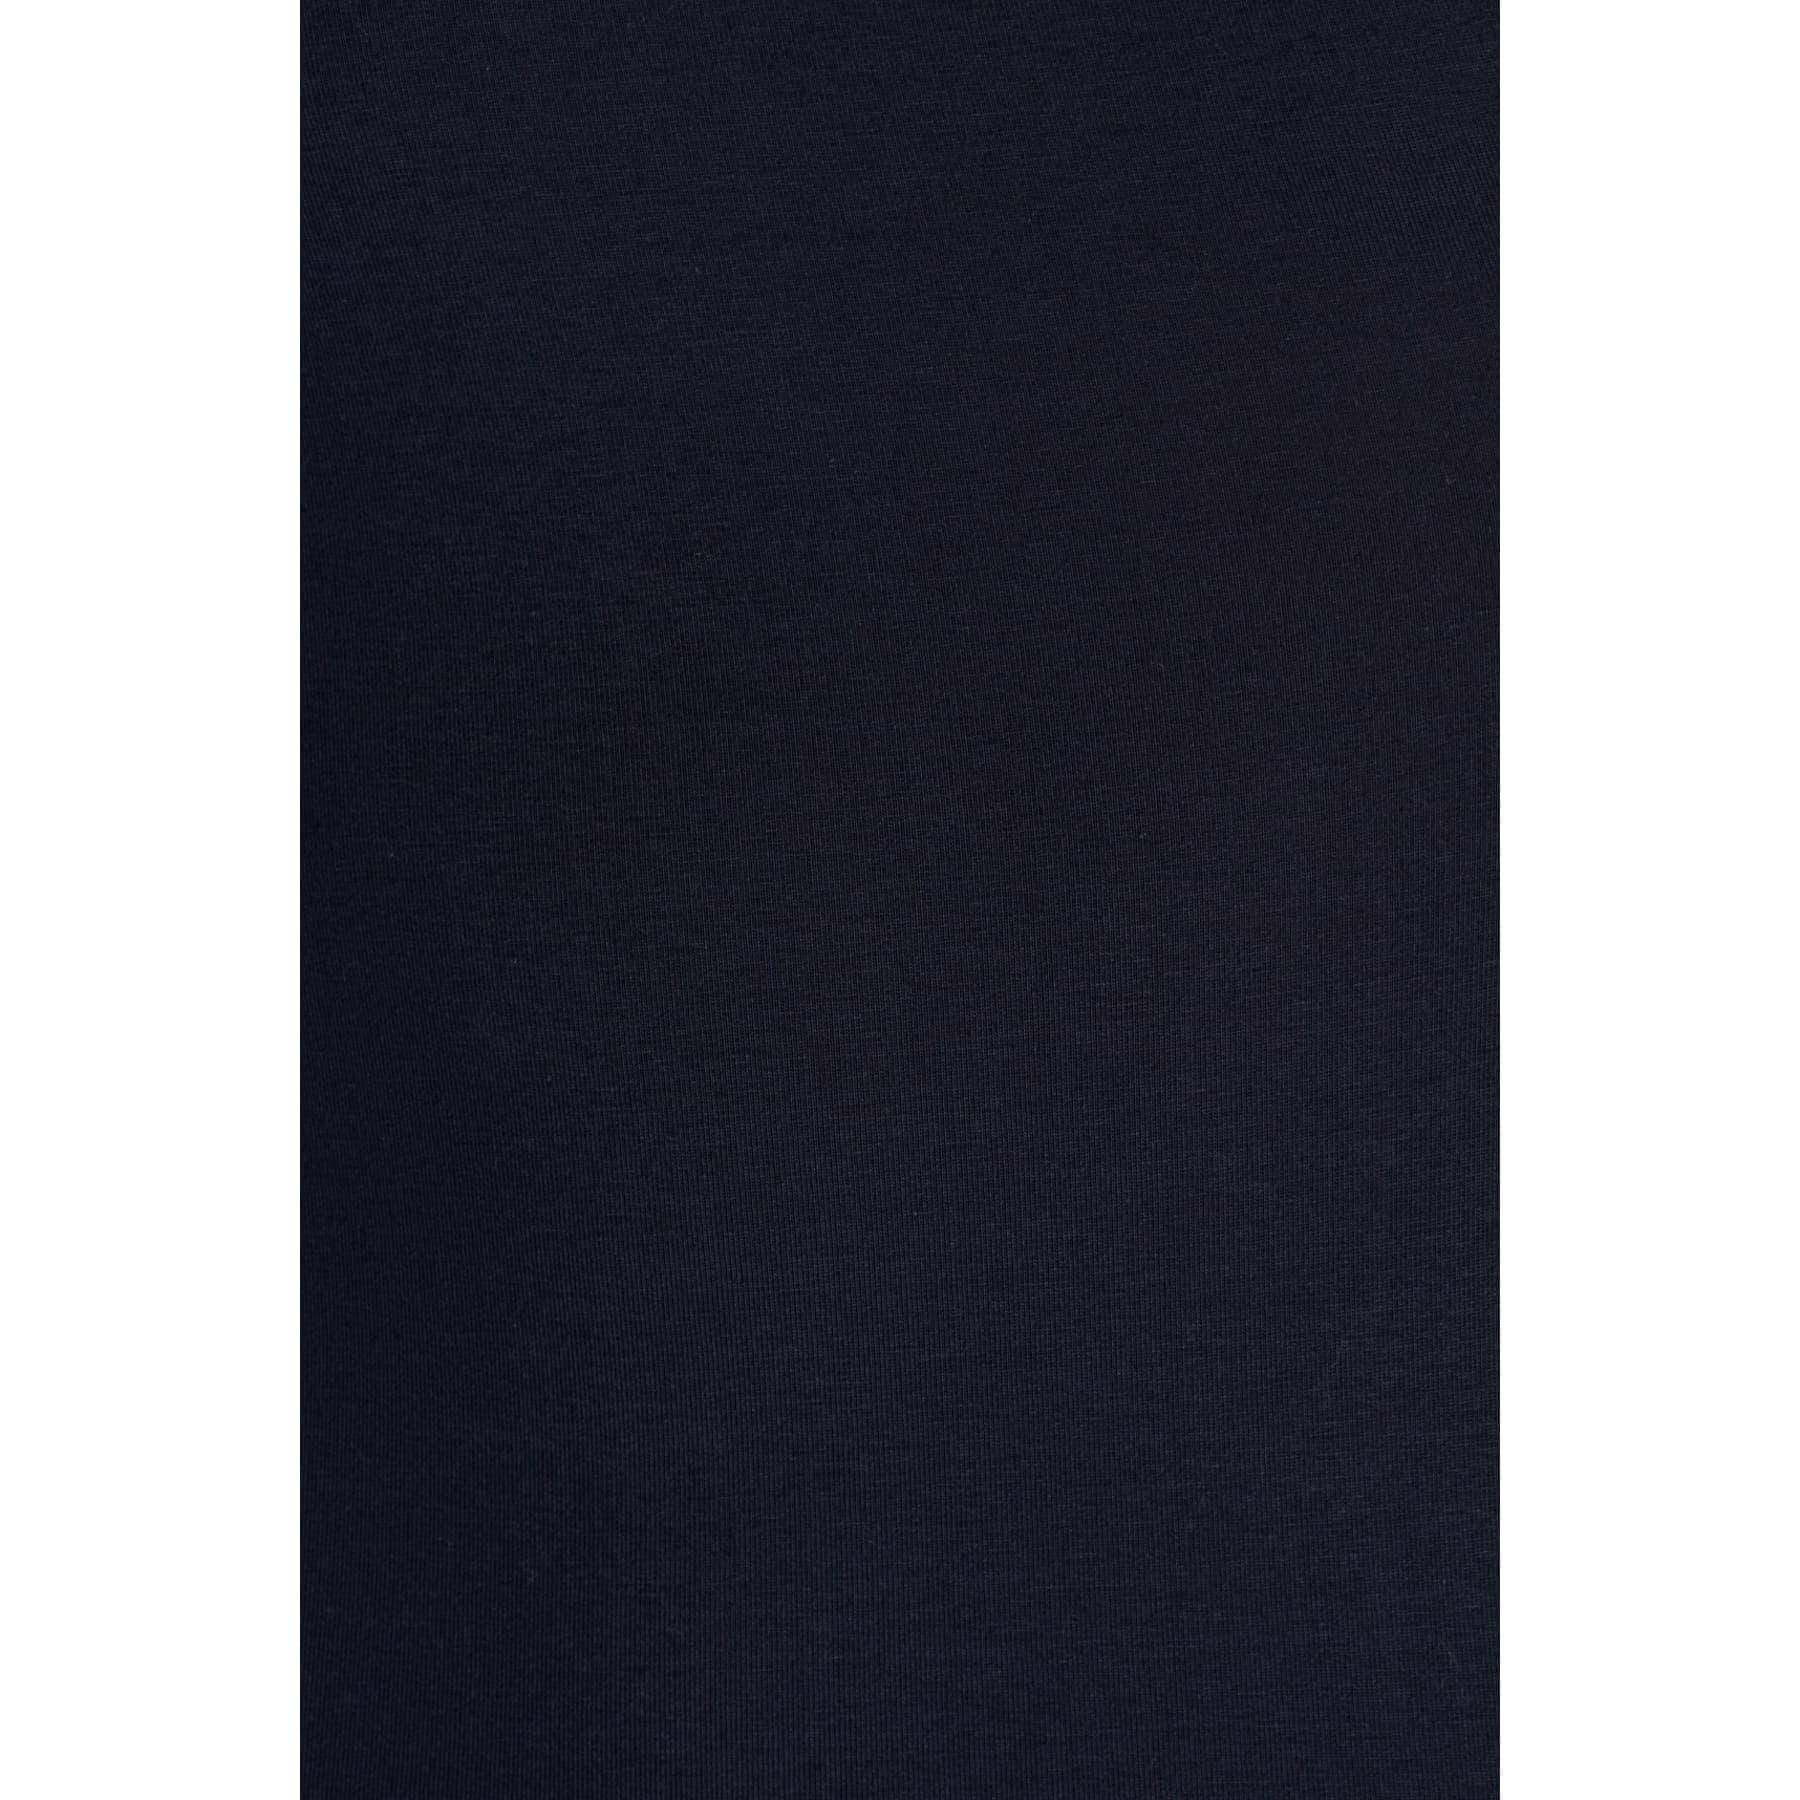 Uzun Kol Penye Gece Lacivert